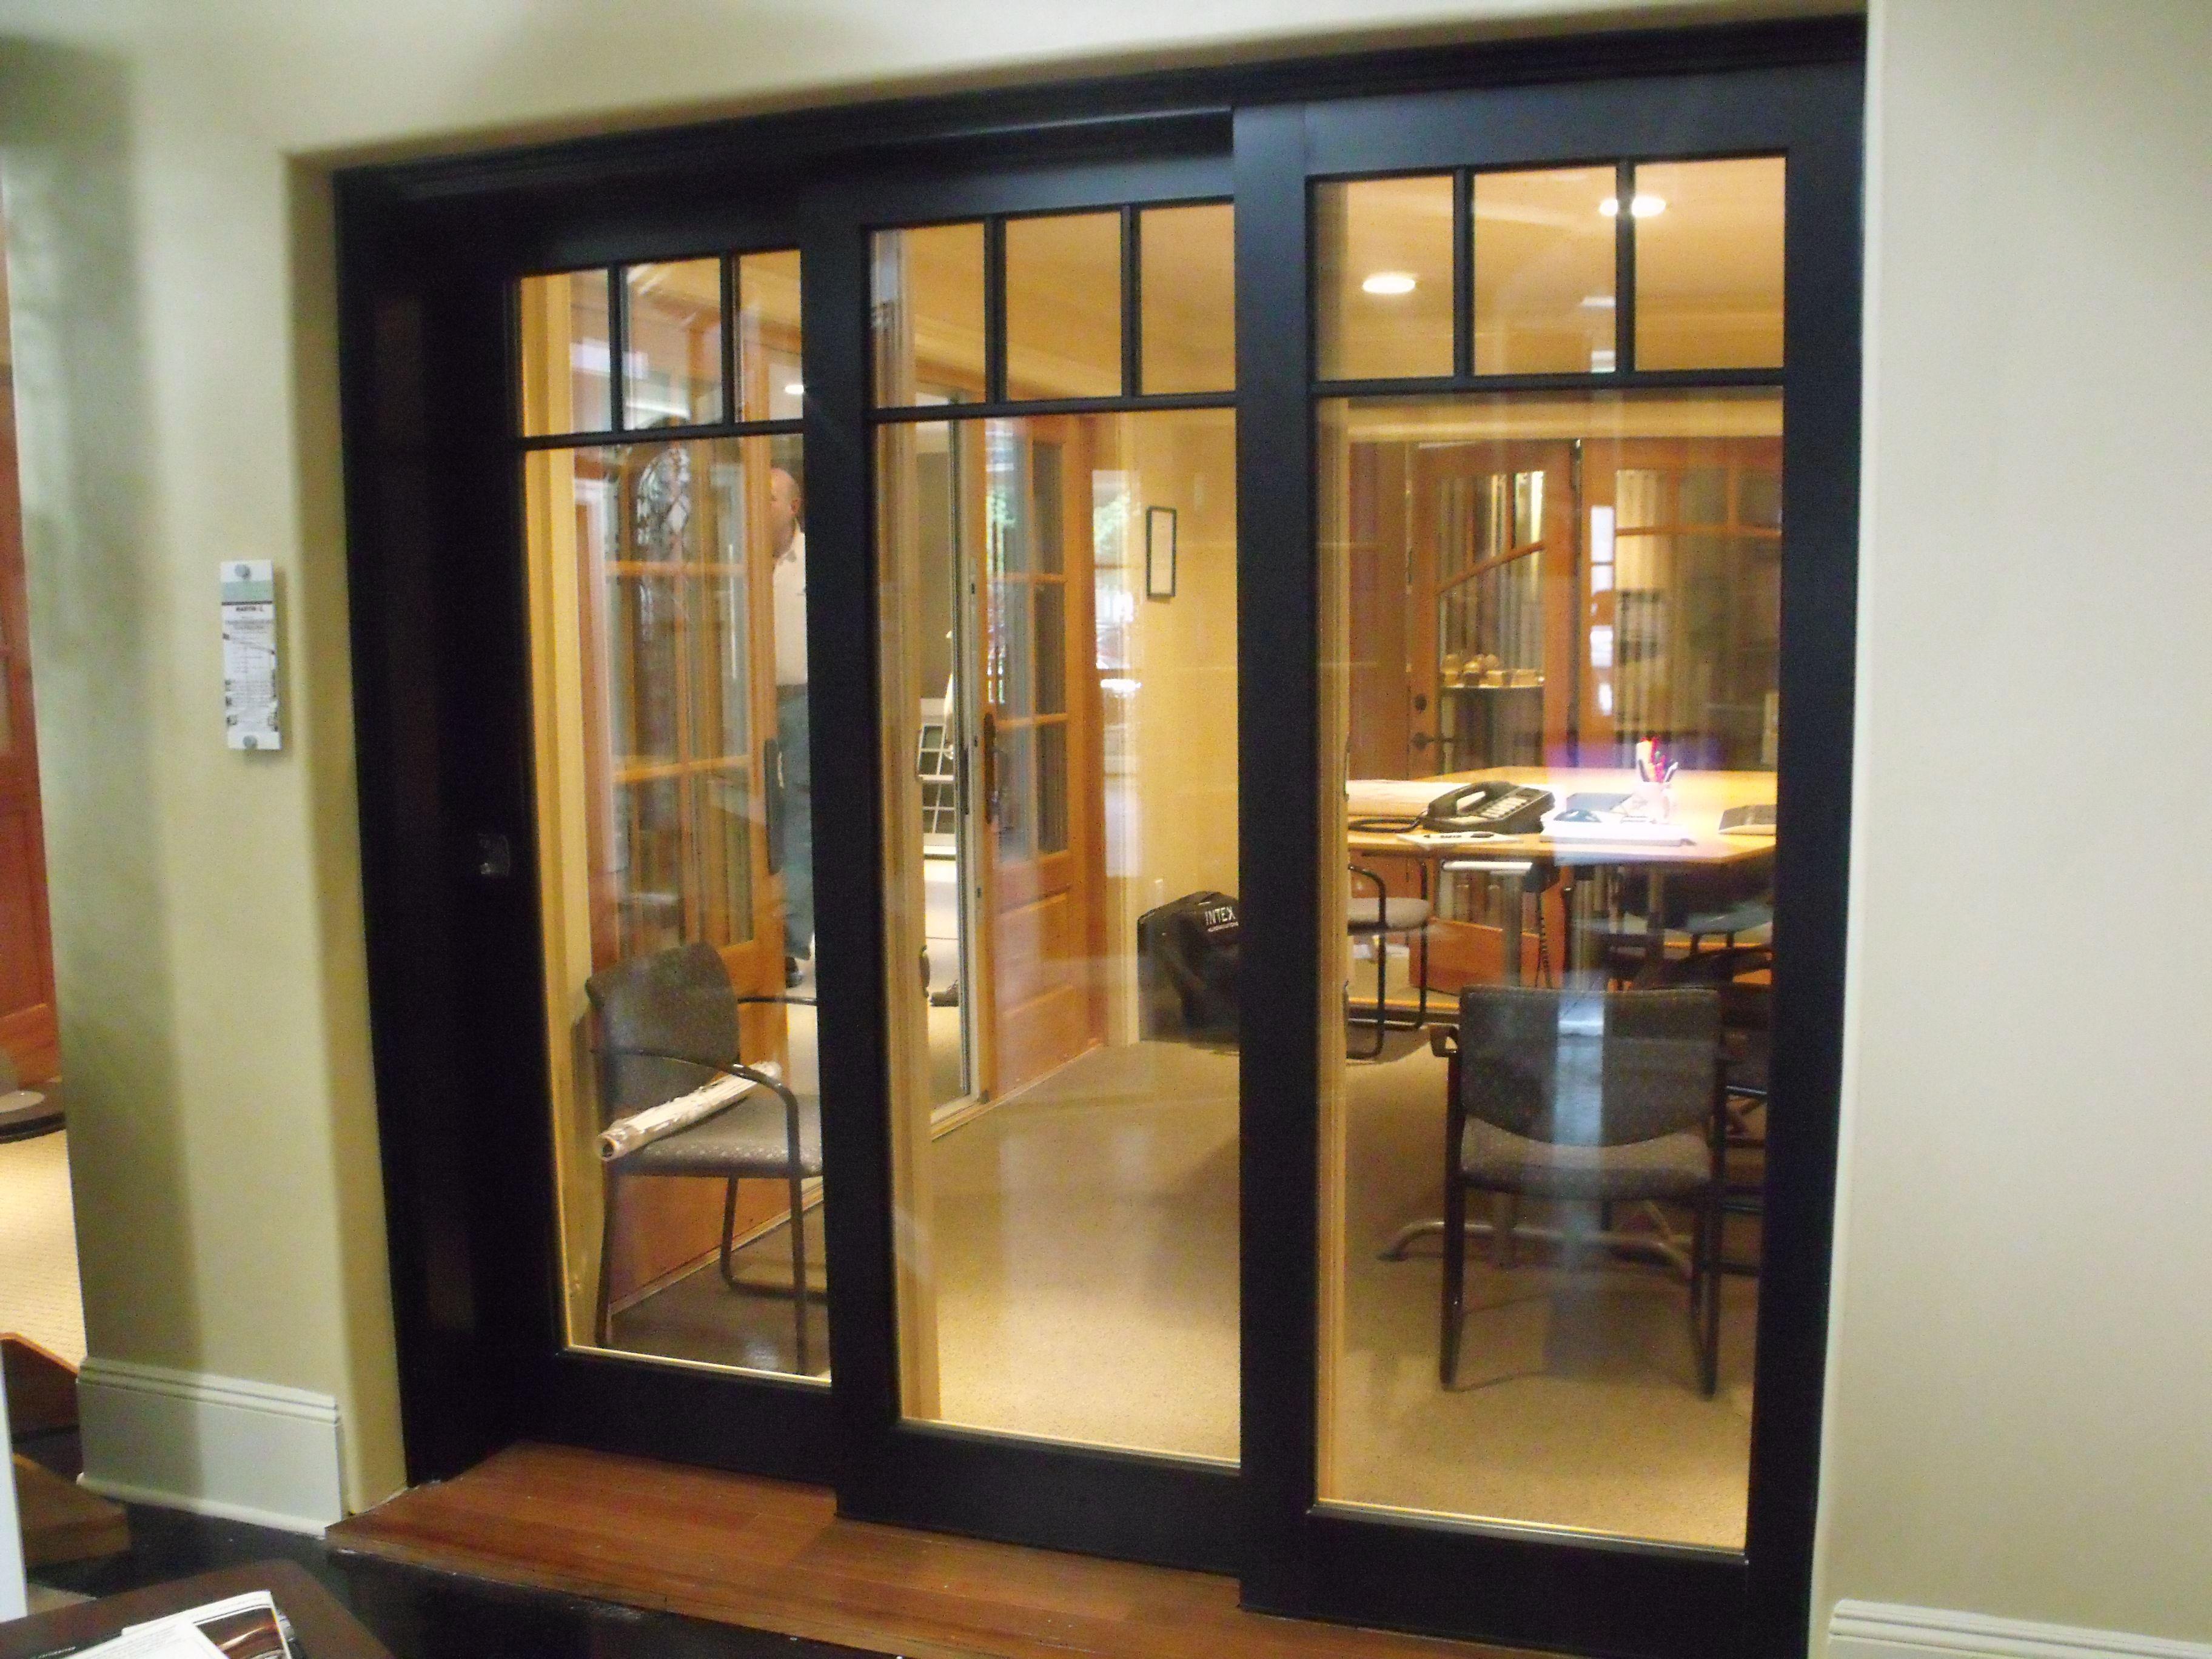 The Marvin Ultimate Lift And Slide Door In Our Showroom In Asbury Park Nj Remodel Sliding Doors Doors